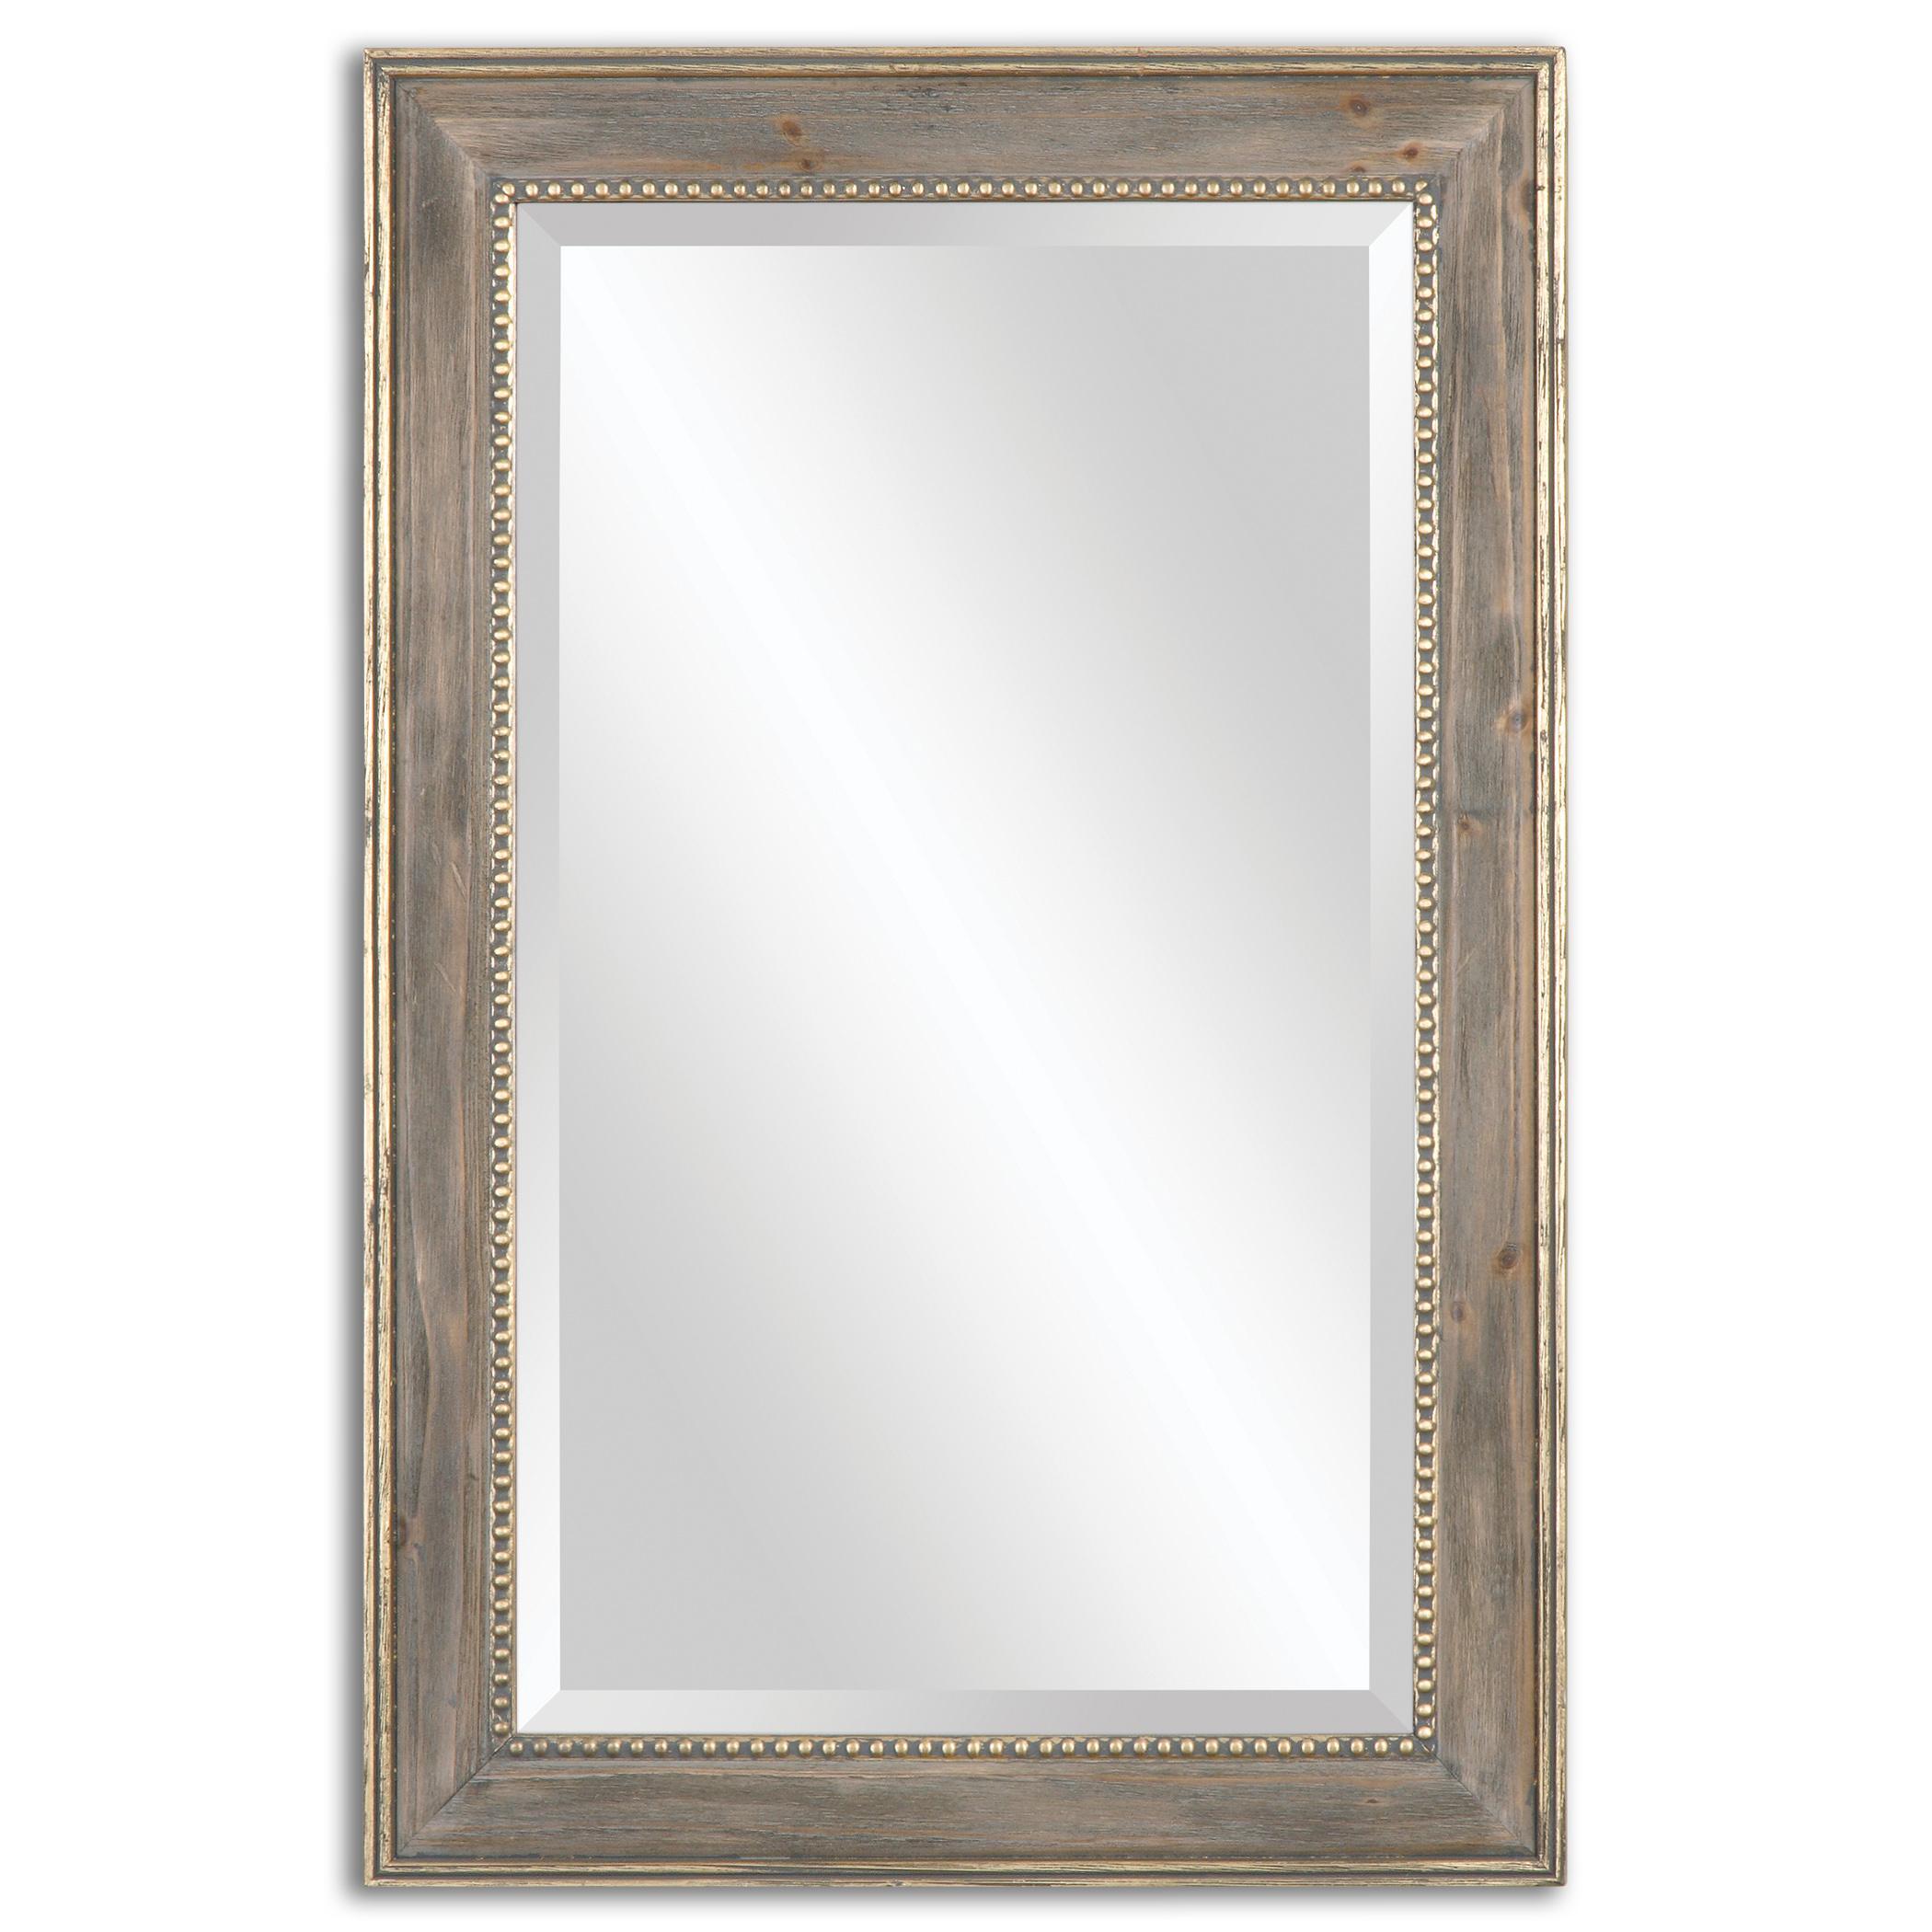 Uttermost Mirrors Quintina Pine Mirror - Item Number: 14496